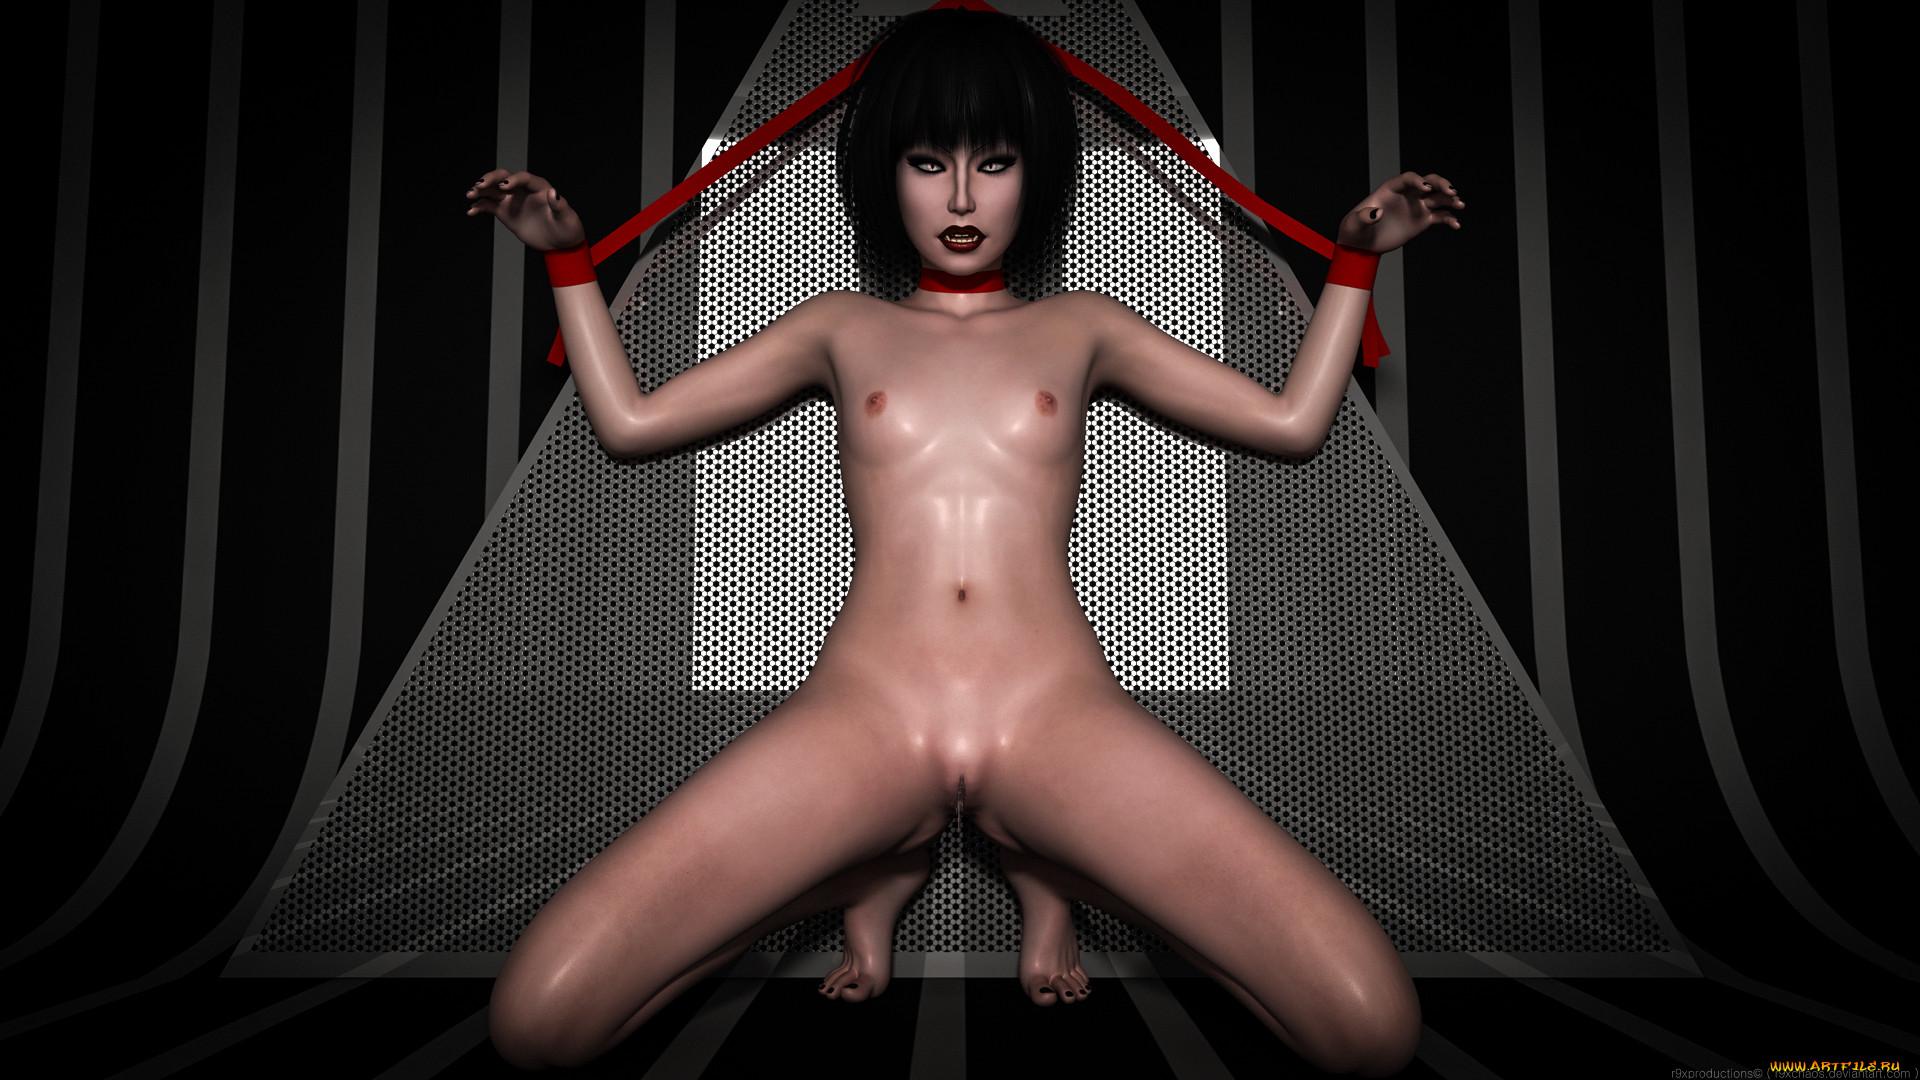 восторге, автору респект))))) порно чулки жены анал конечно канешна